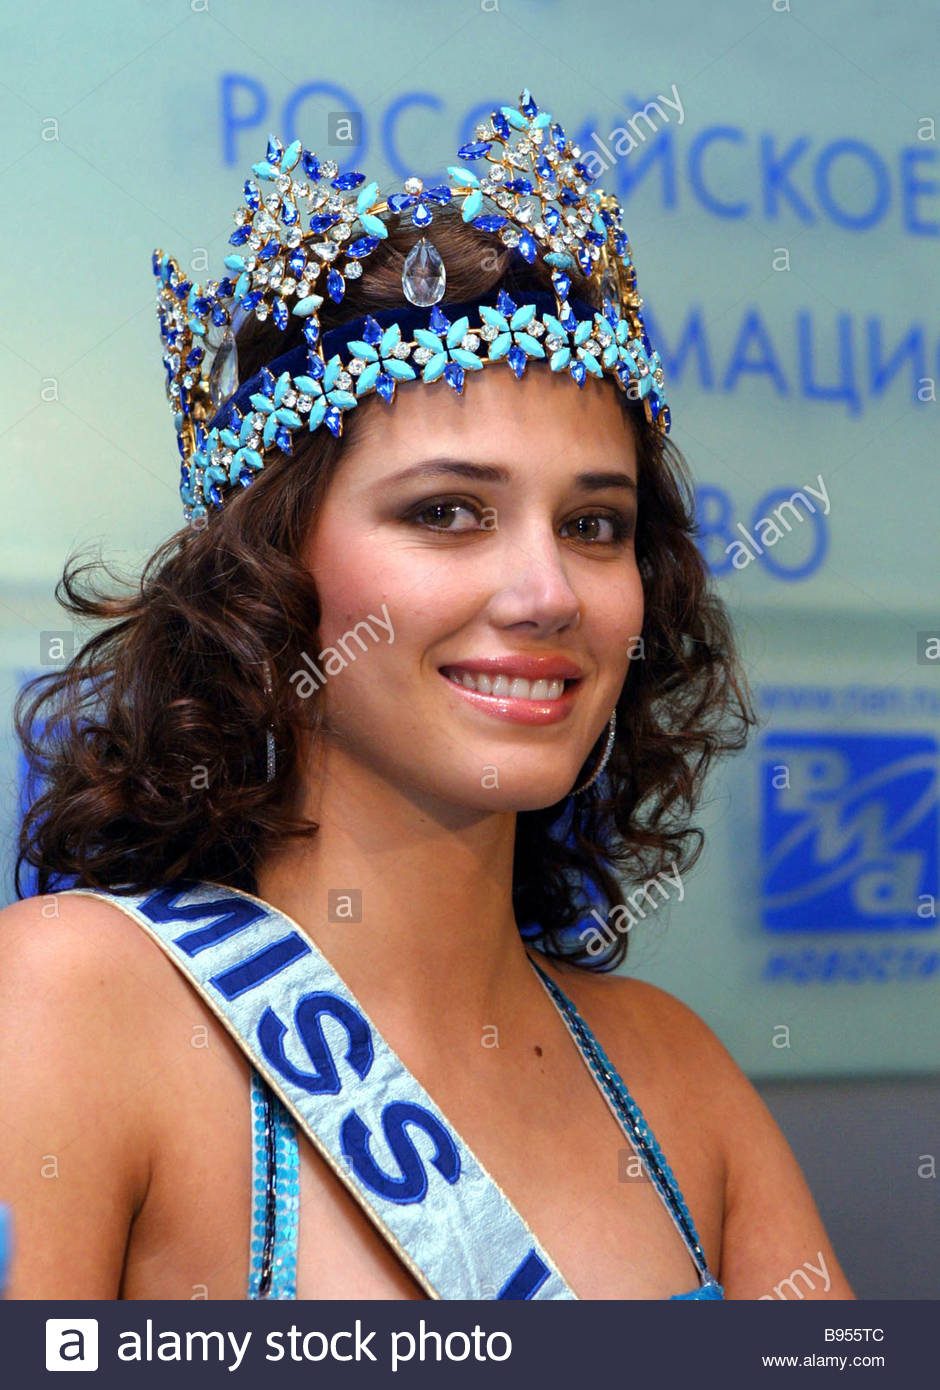 maria julia mantilla garcia (aka maju mantilla), miss world 2004. - Página 2 Miss-m11